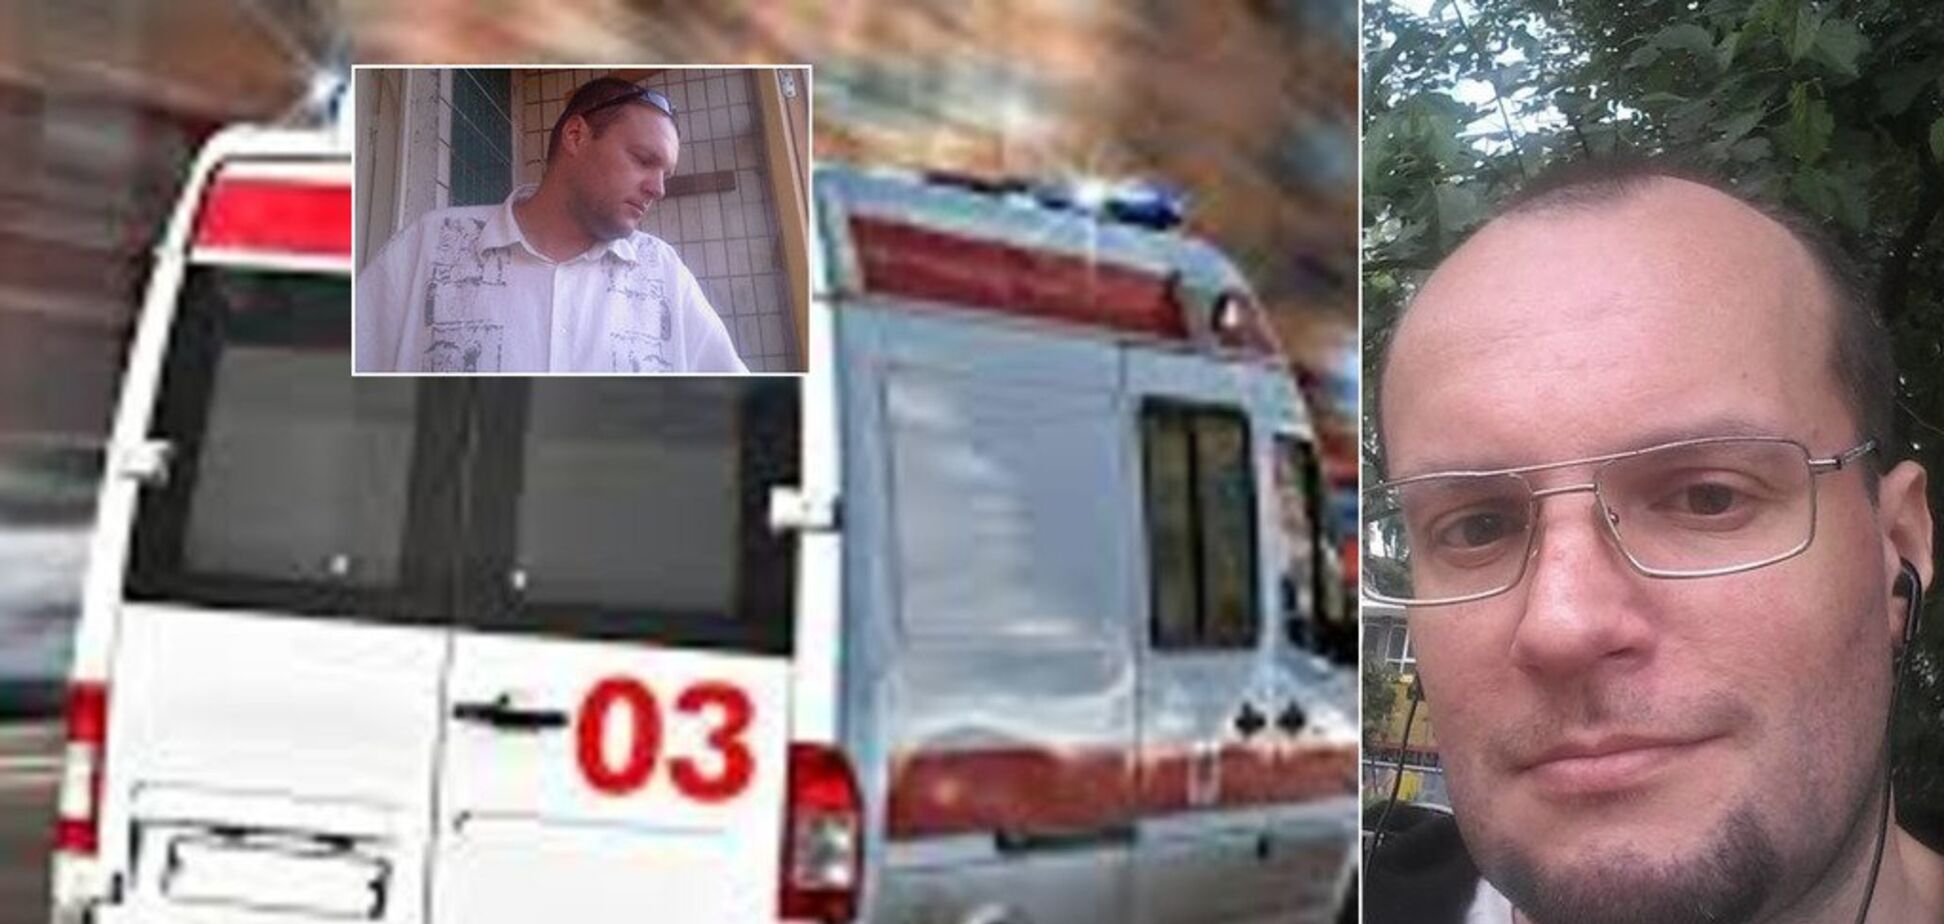 'В больнице пересменка, он никому не нужен': как из-за халатности врачей умер украинский журналист